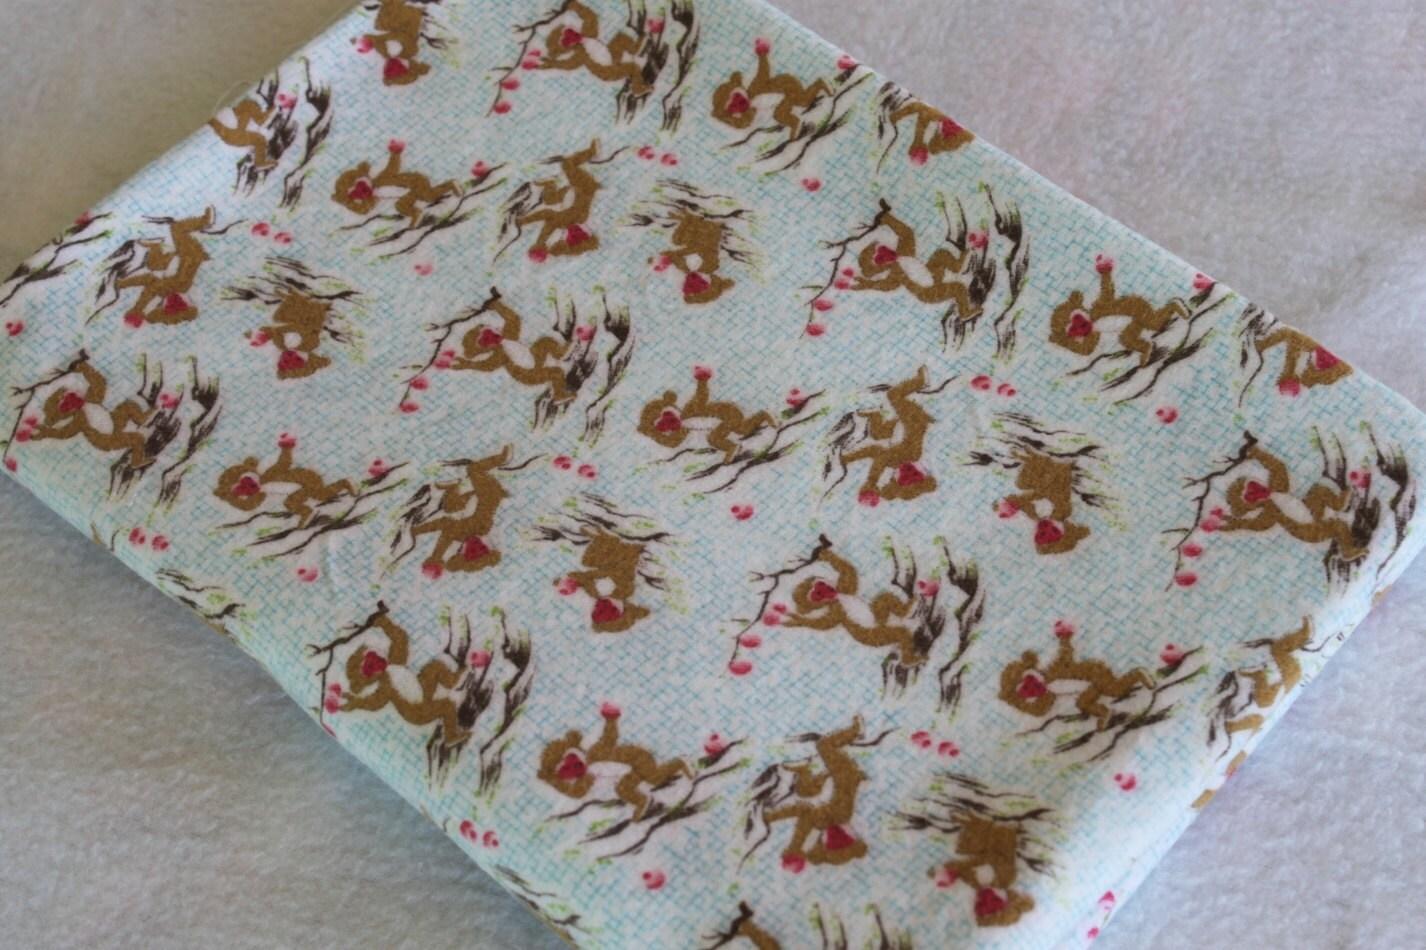 Monkey print flannel children 39 s vintage fabric by for Vintage childrens fabric prints